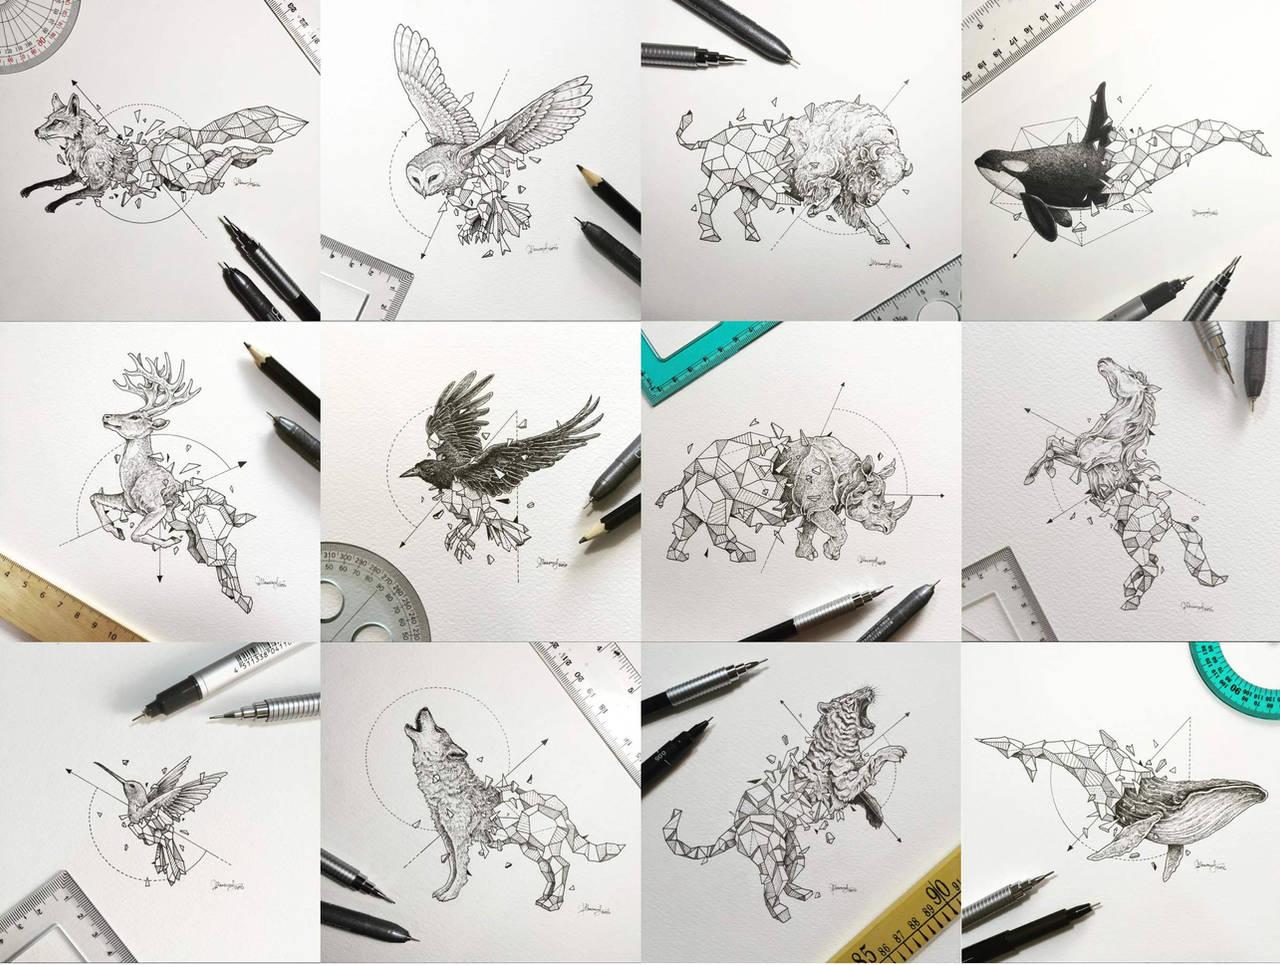 Geometric Beasts Series by kerbyrosanes